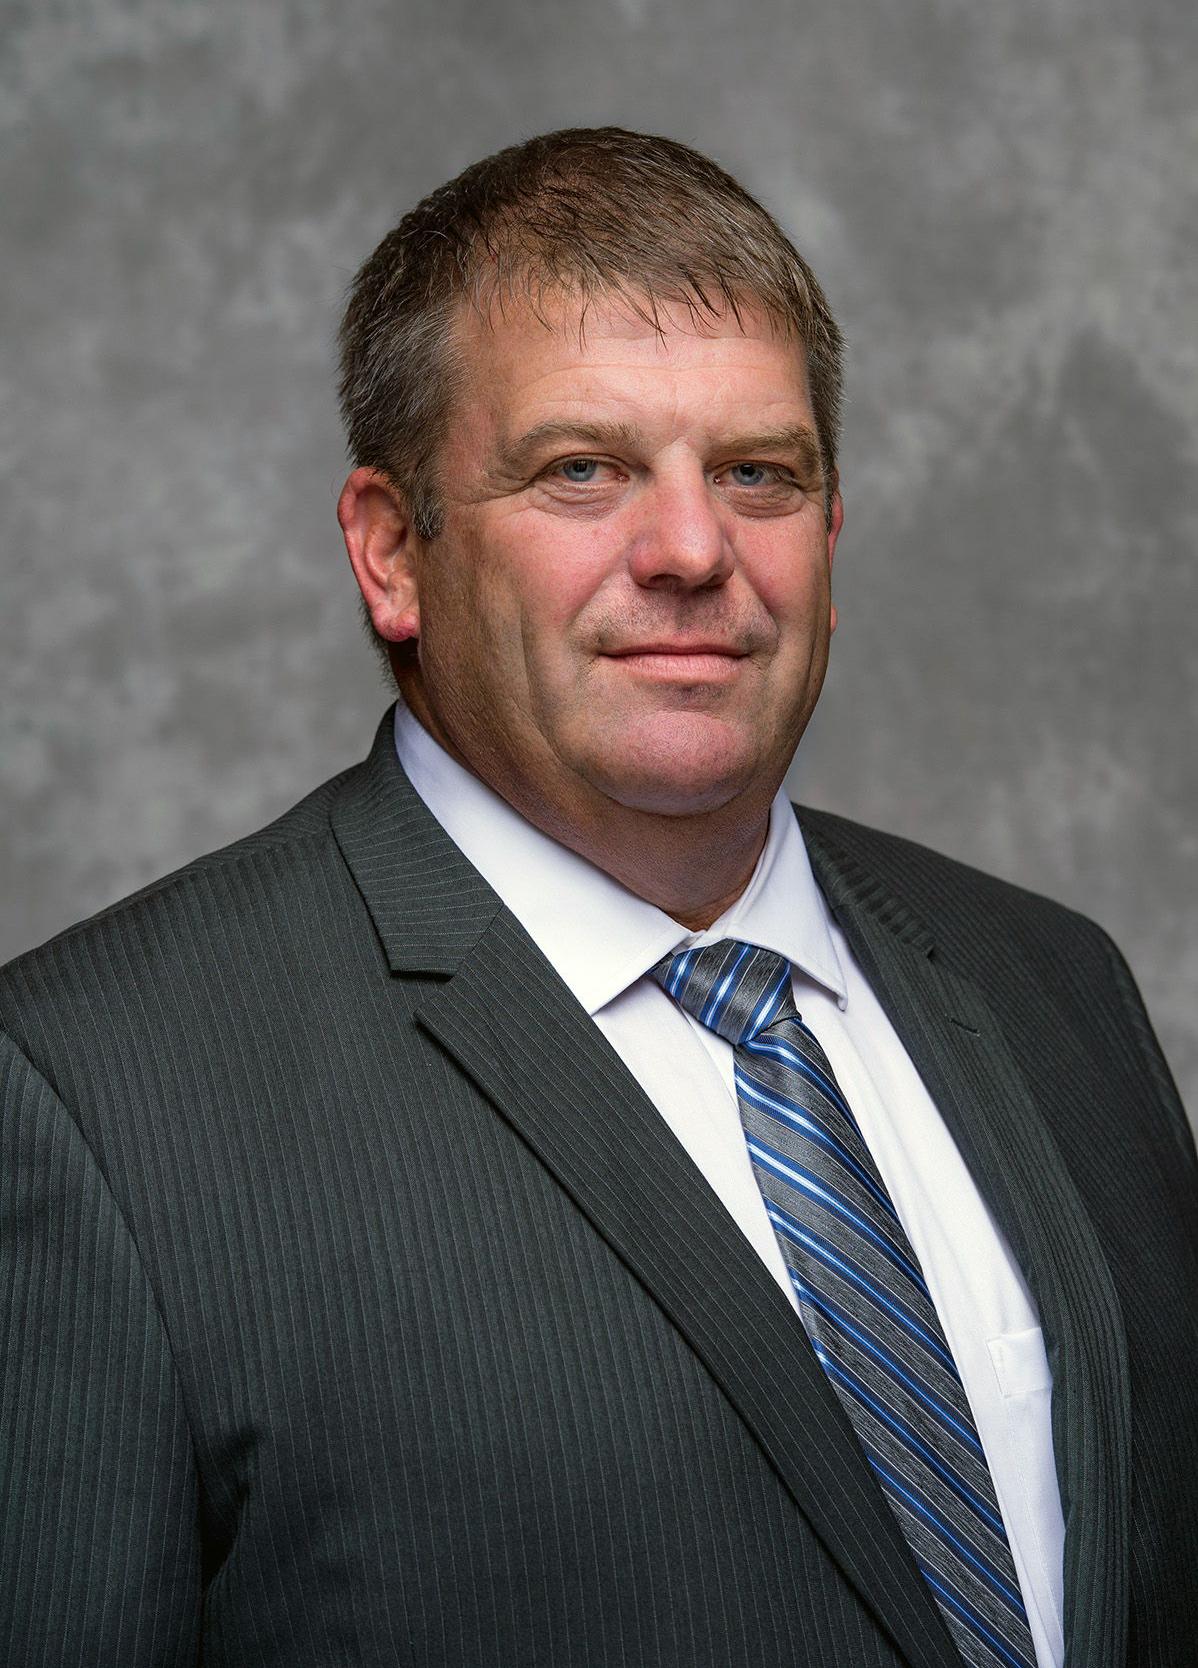 State Sen. Blake Doriot, R-Elkhart